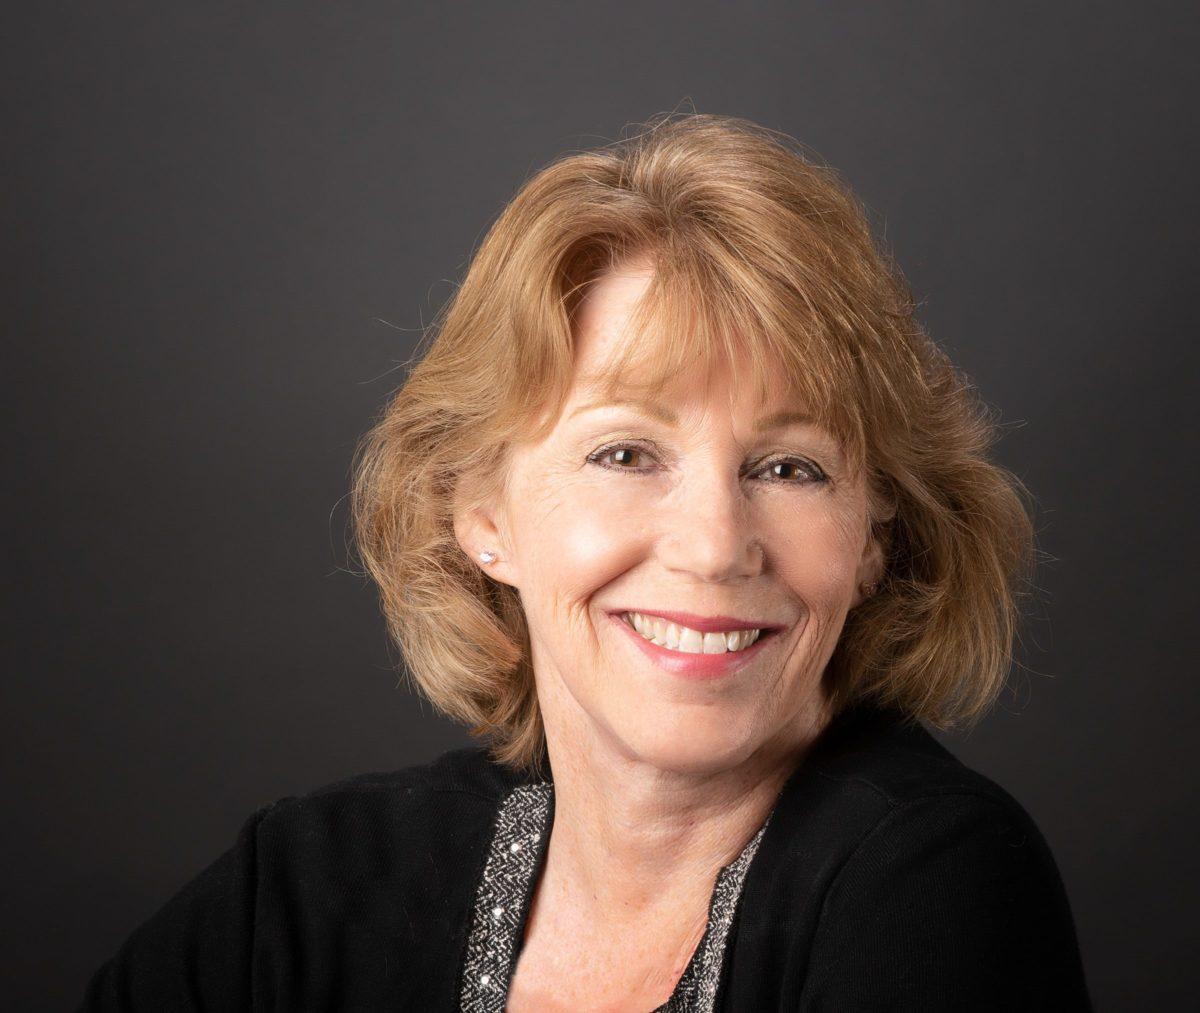 Cynthia Bullock